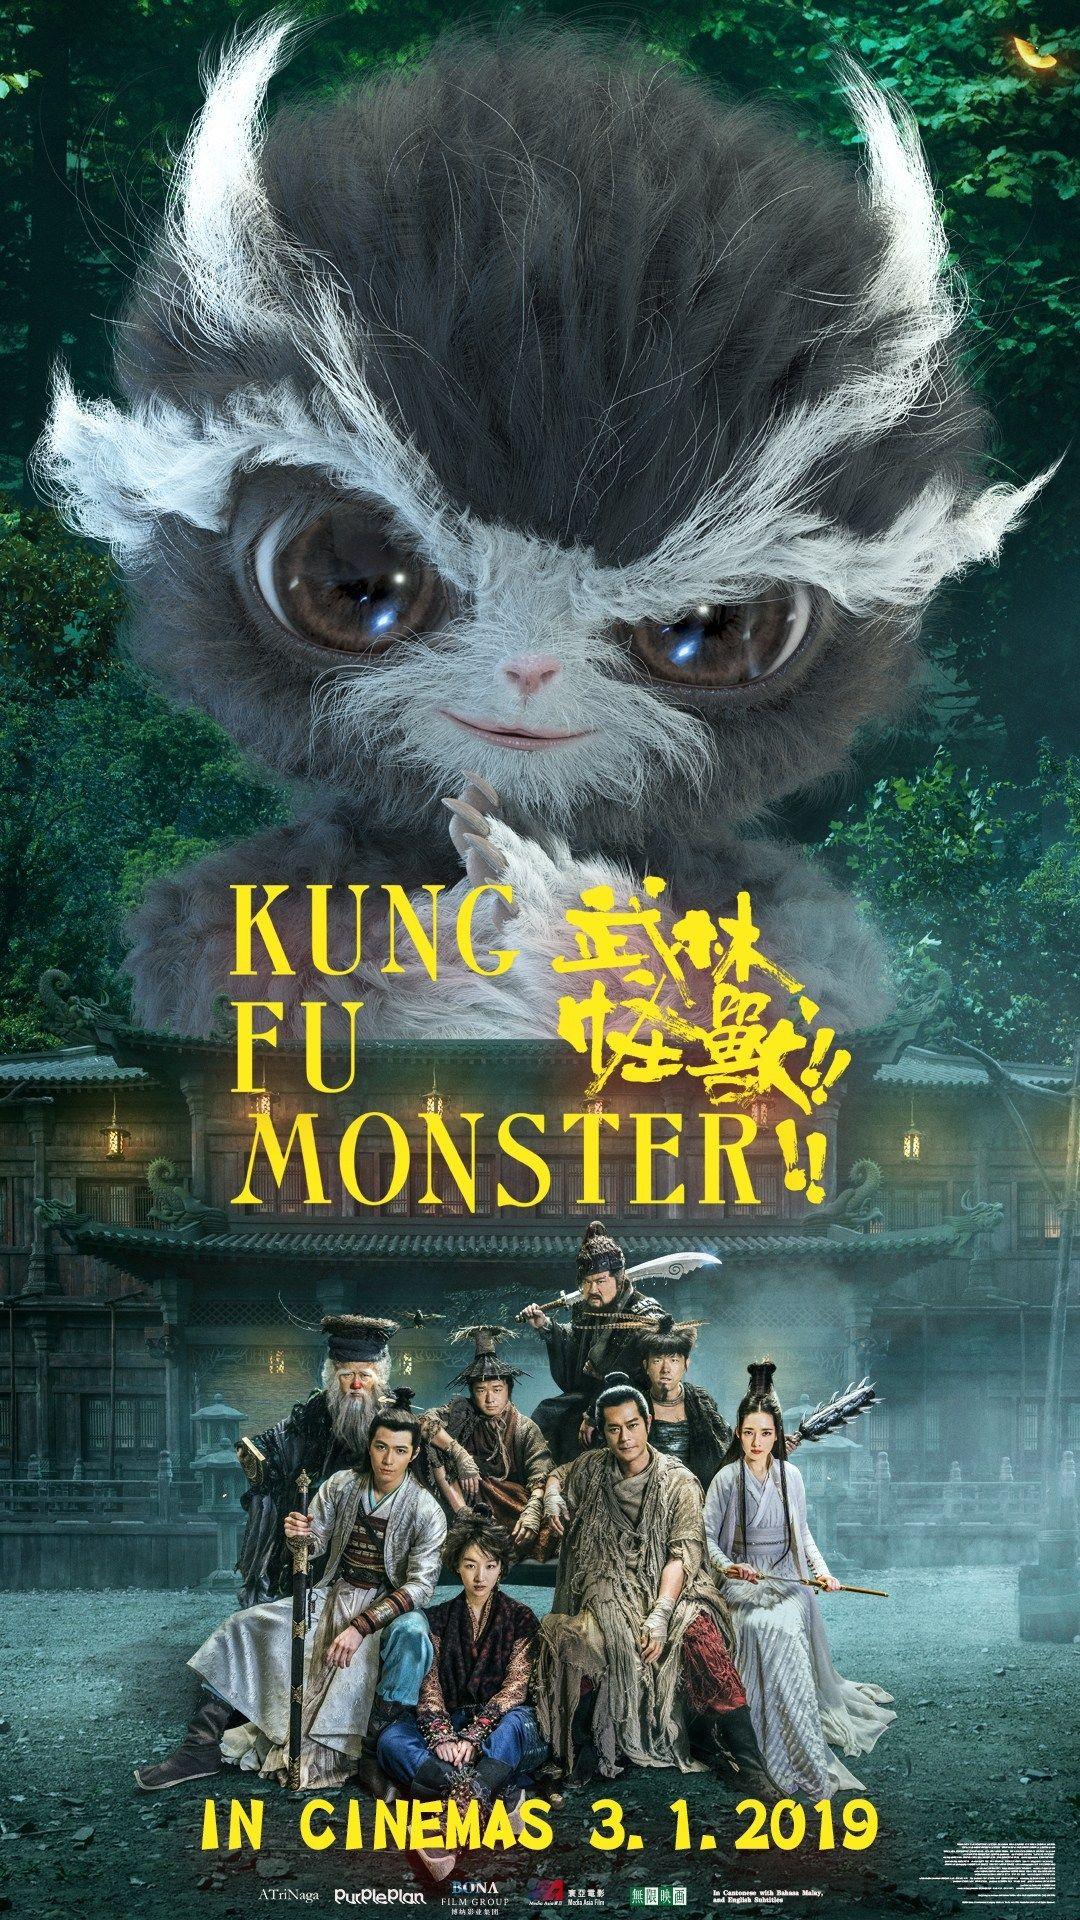 Kung Fu Monster Episode 1 Korean drama movies in 2019